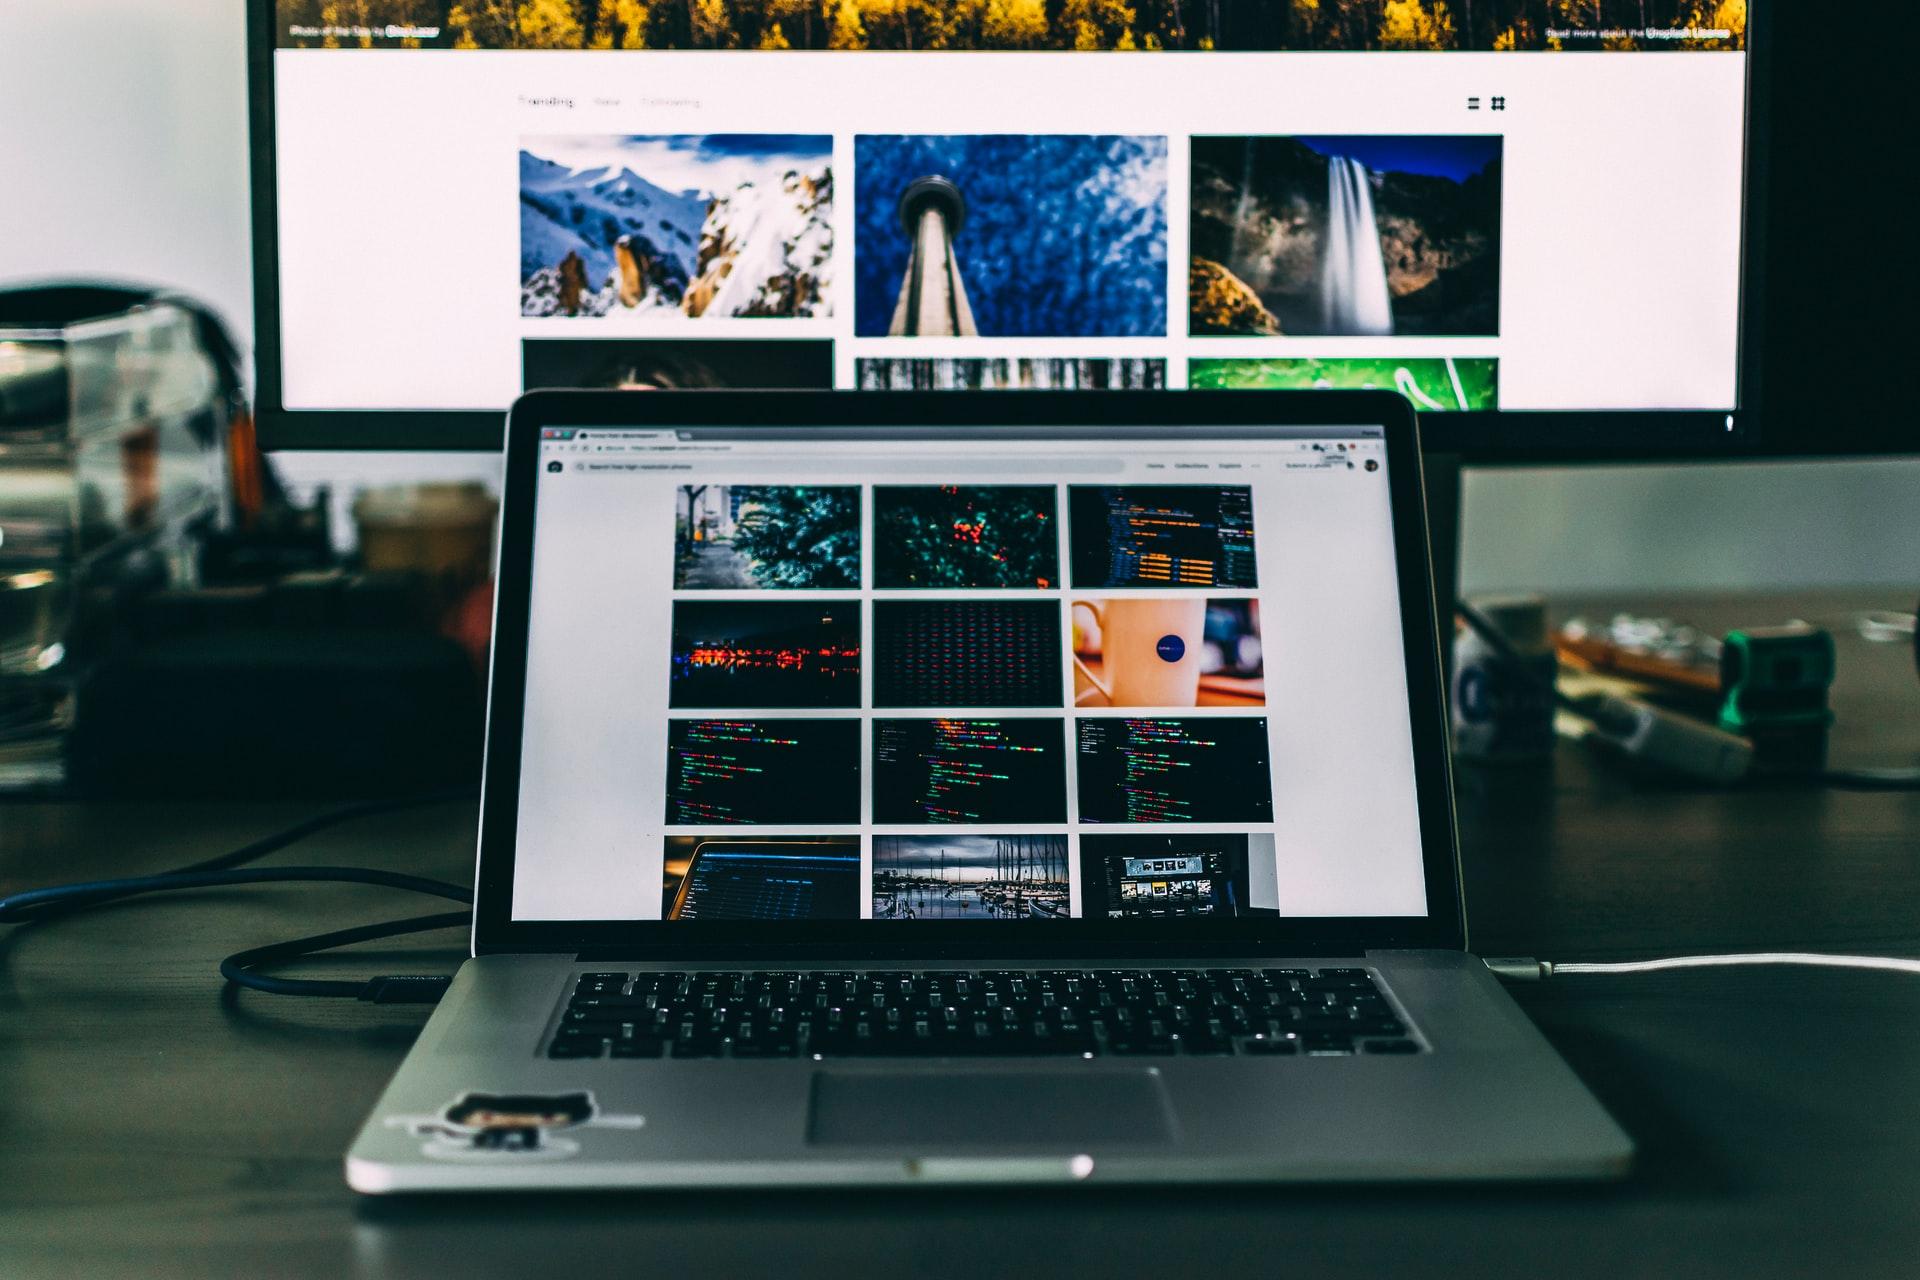 動画編集にふさわしいパソコンは?その選び方とOS別編集方法を紹介